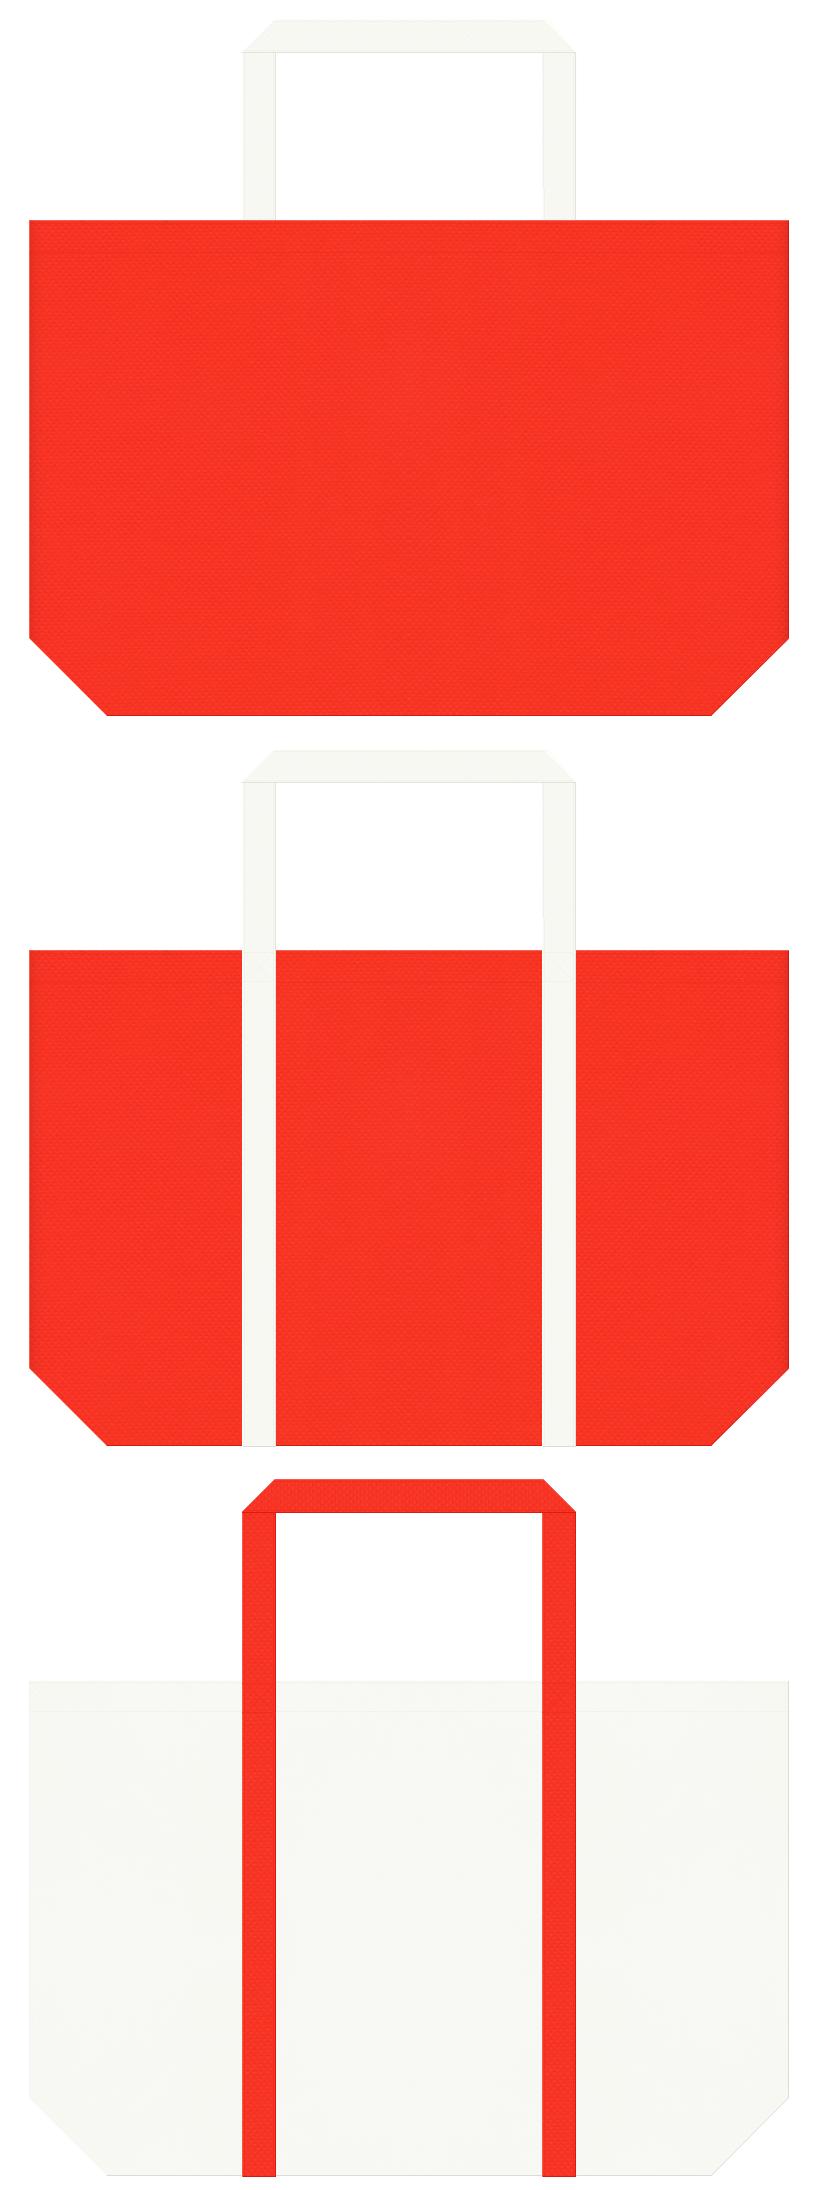 キッチン・ビタミン・サプリメント・ランチバッグにお奨めの不織布バッグデザイン:オレンジ色とオフホワイト色のコーデ